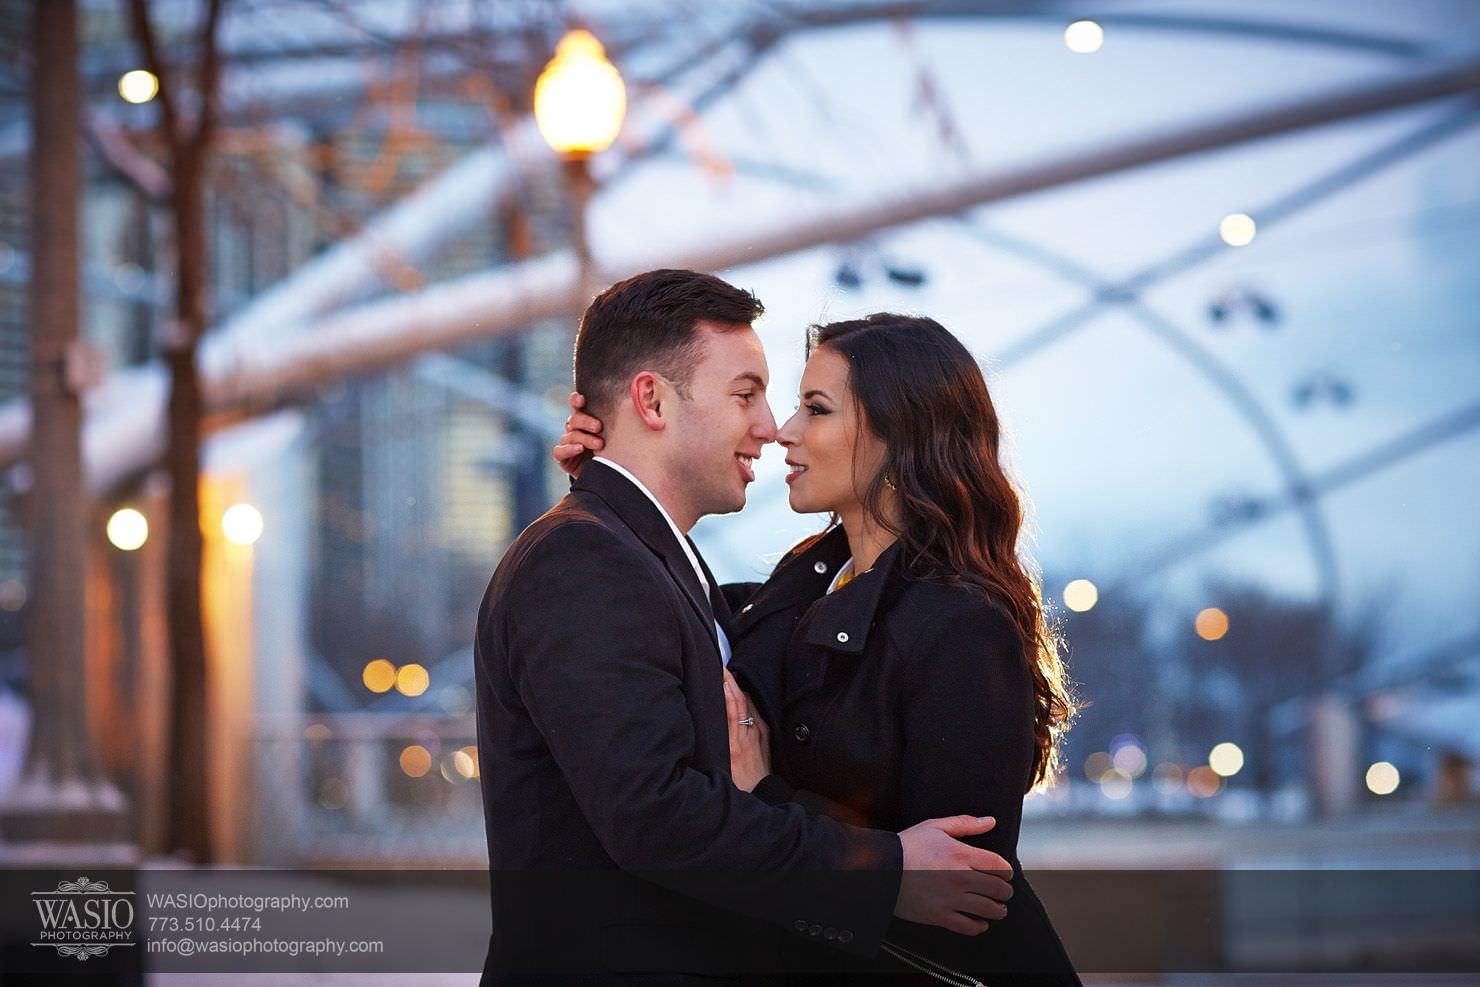 008-Chicago-Winter-Engagement Chicago Winter Engagement - Chrissy + Andrew